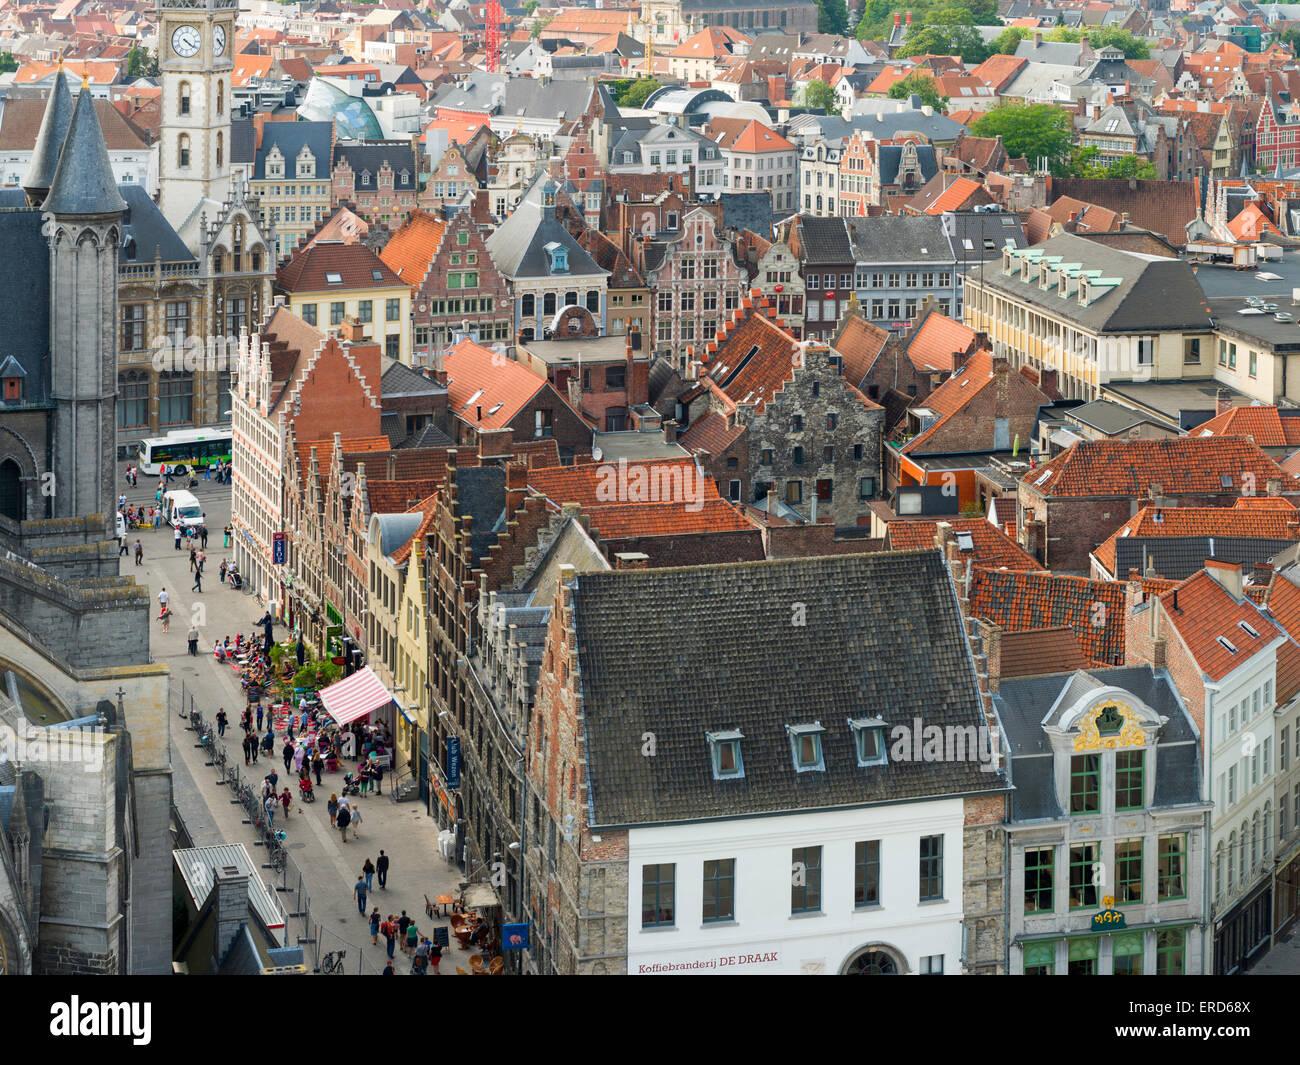 Blick auf Klein Turkije und historischen Gebäude der alten Gent, Belgien, gesehen von der Belfried von Gent Stockbild